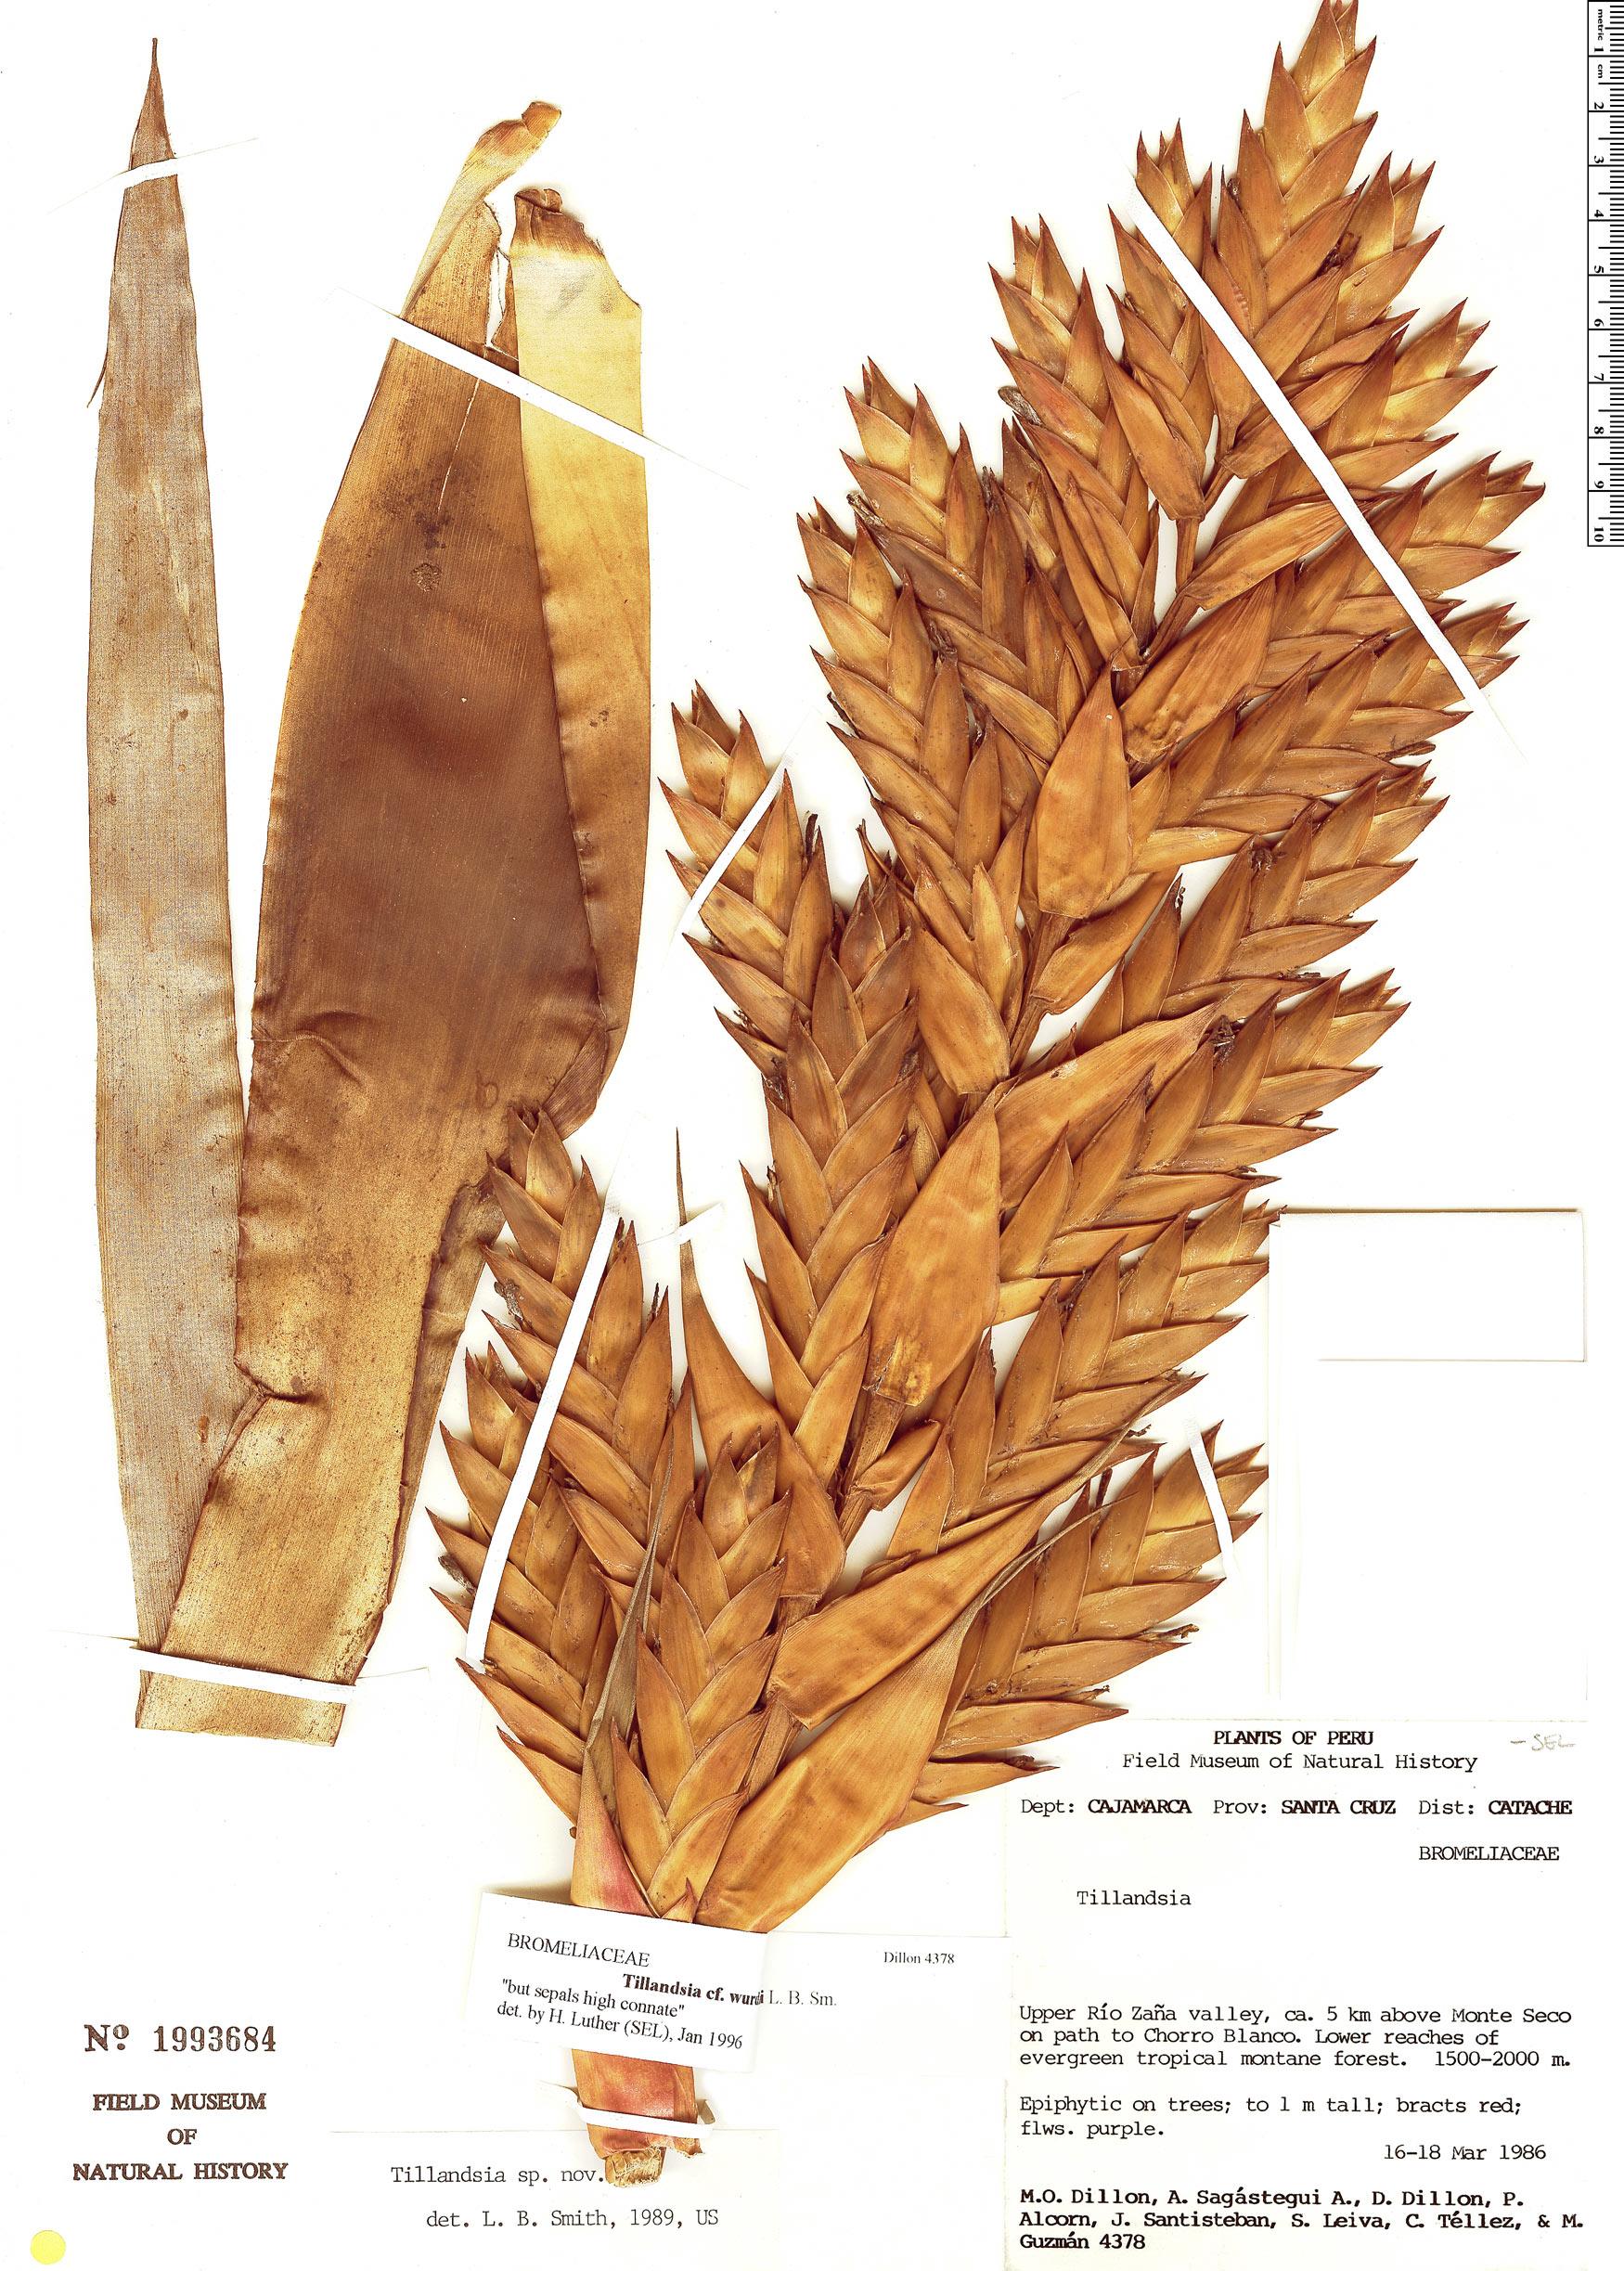 Specimen: Tillandsia wurdackii